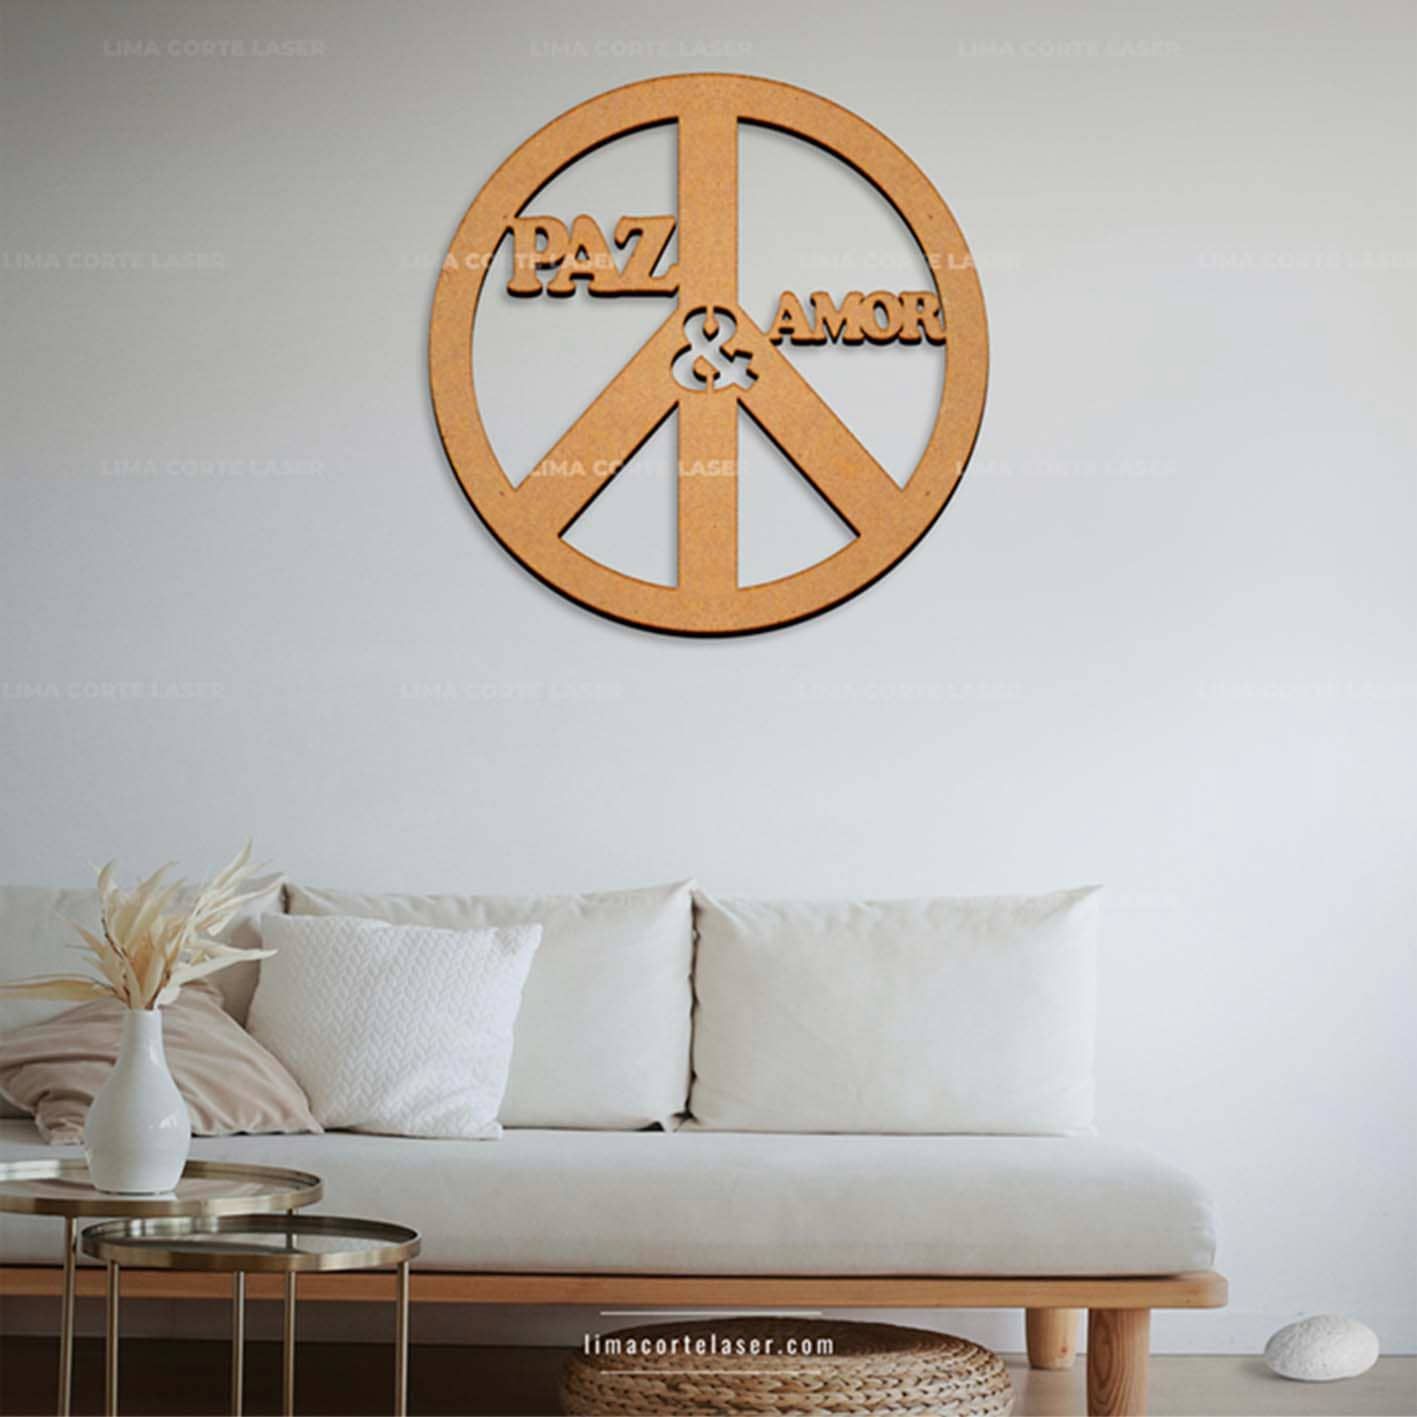 Corte láser MDF con la figura símbolo paz y amor ideal para un adorno para pared